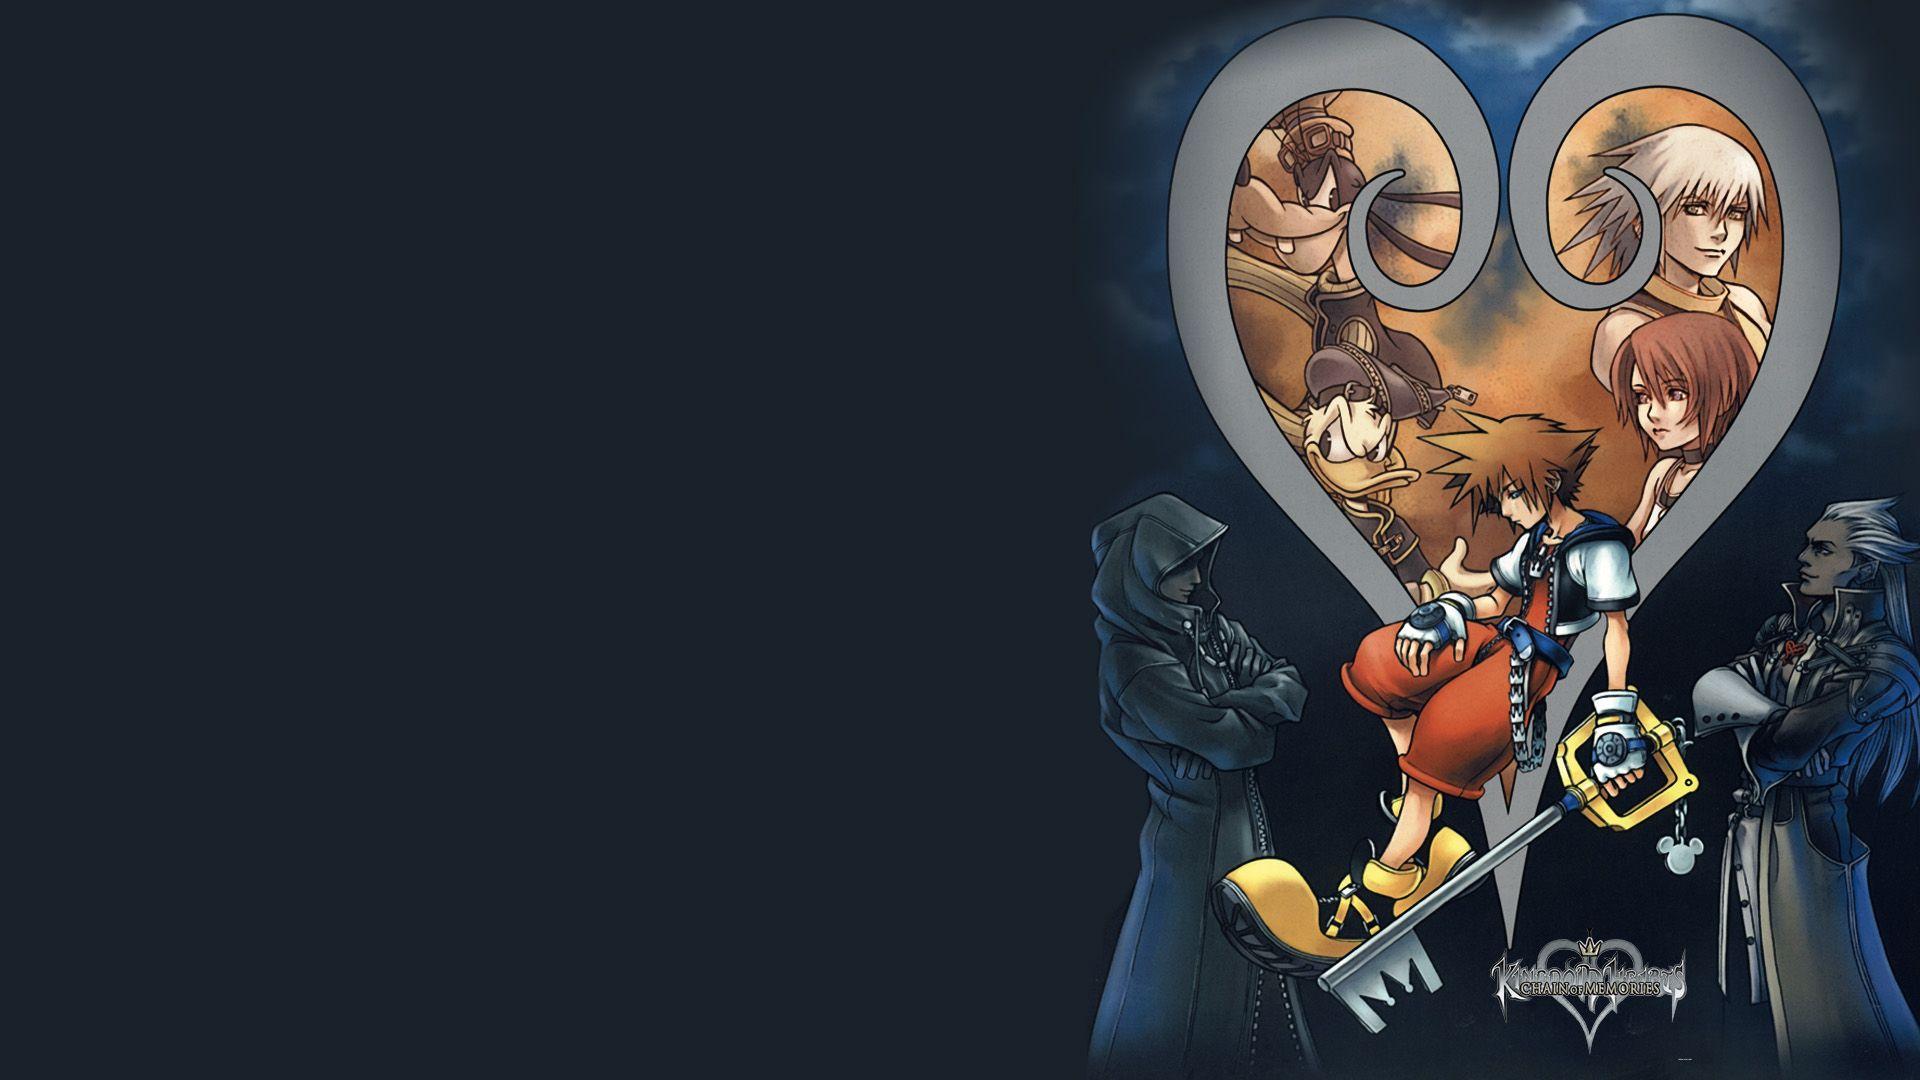 kingdom hearts 3 backgrounds